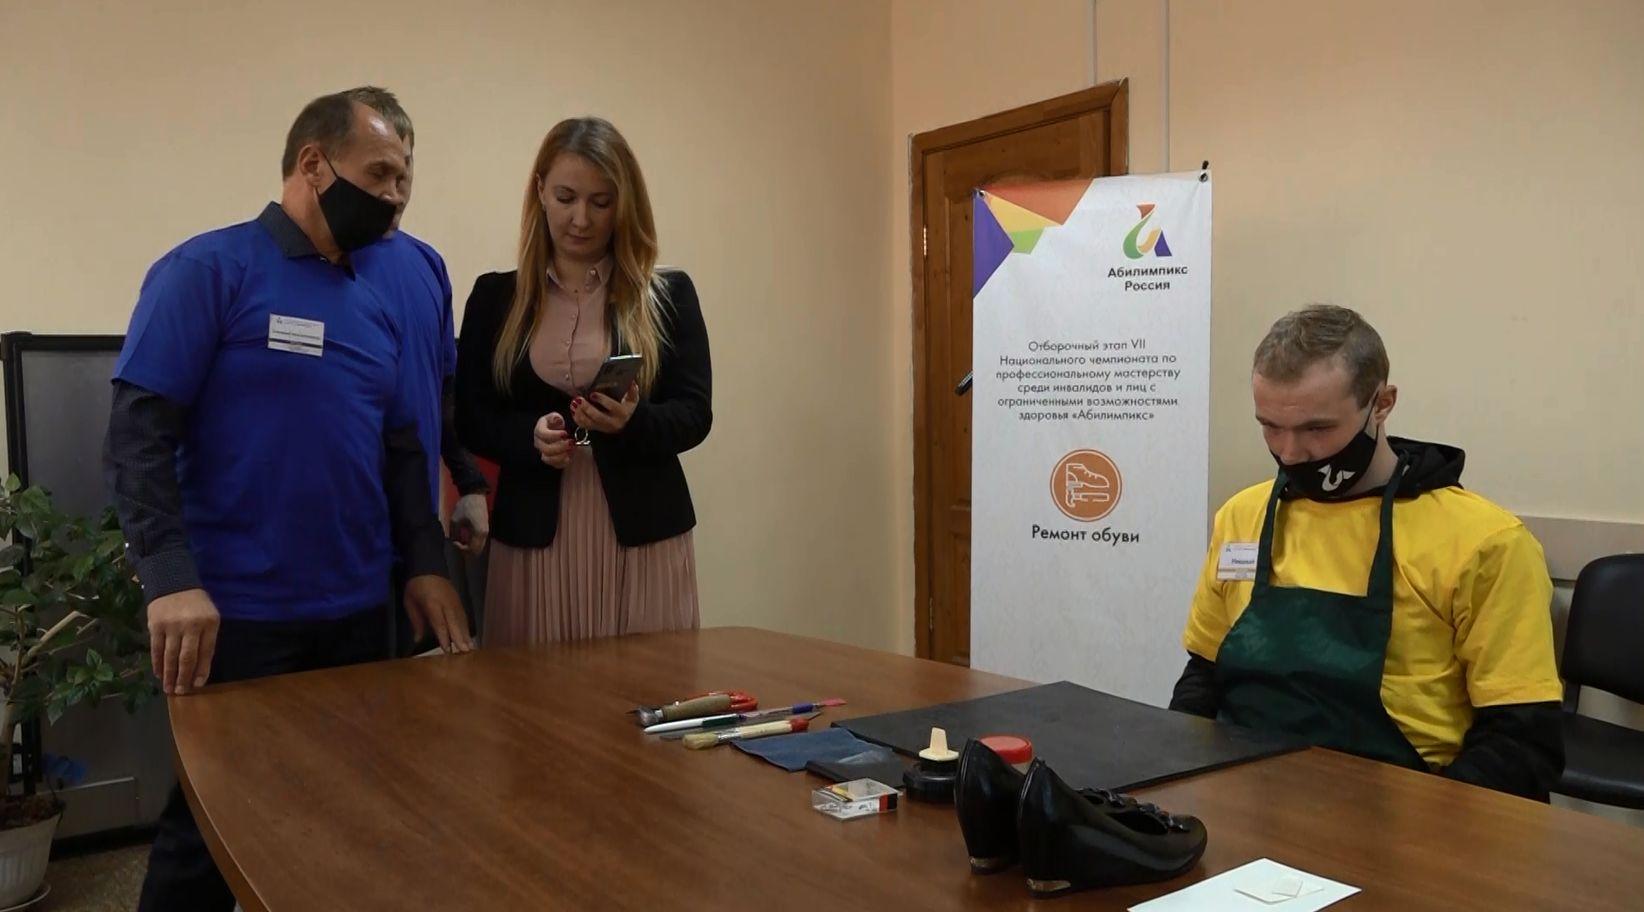 В Ярославской области стартовал отборочный тур на национальный чемпионат профессионального мастерства для людей с ограниченными возможностями здоровья «Абилимпикс»